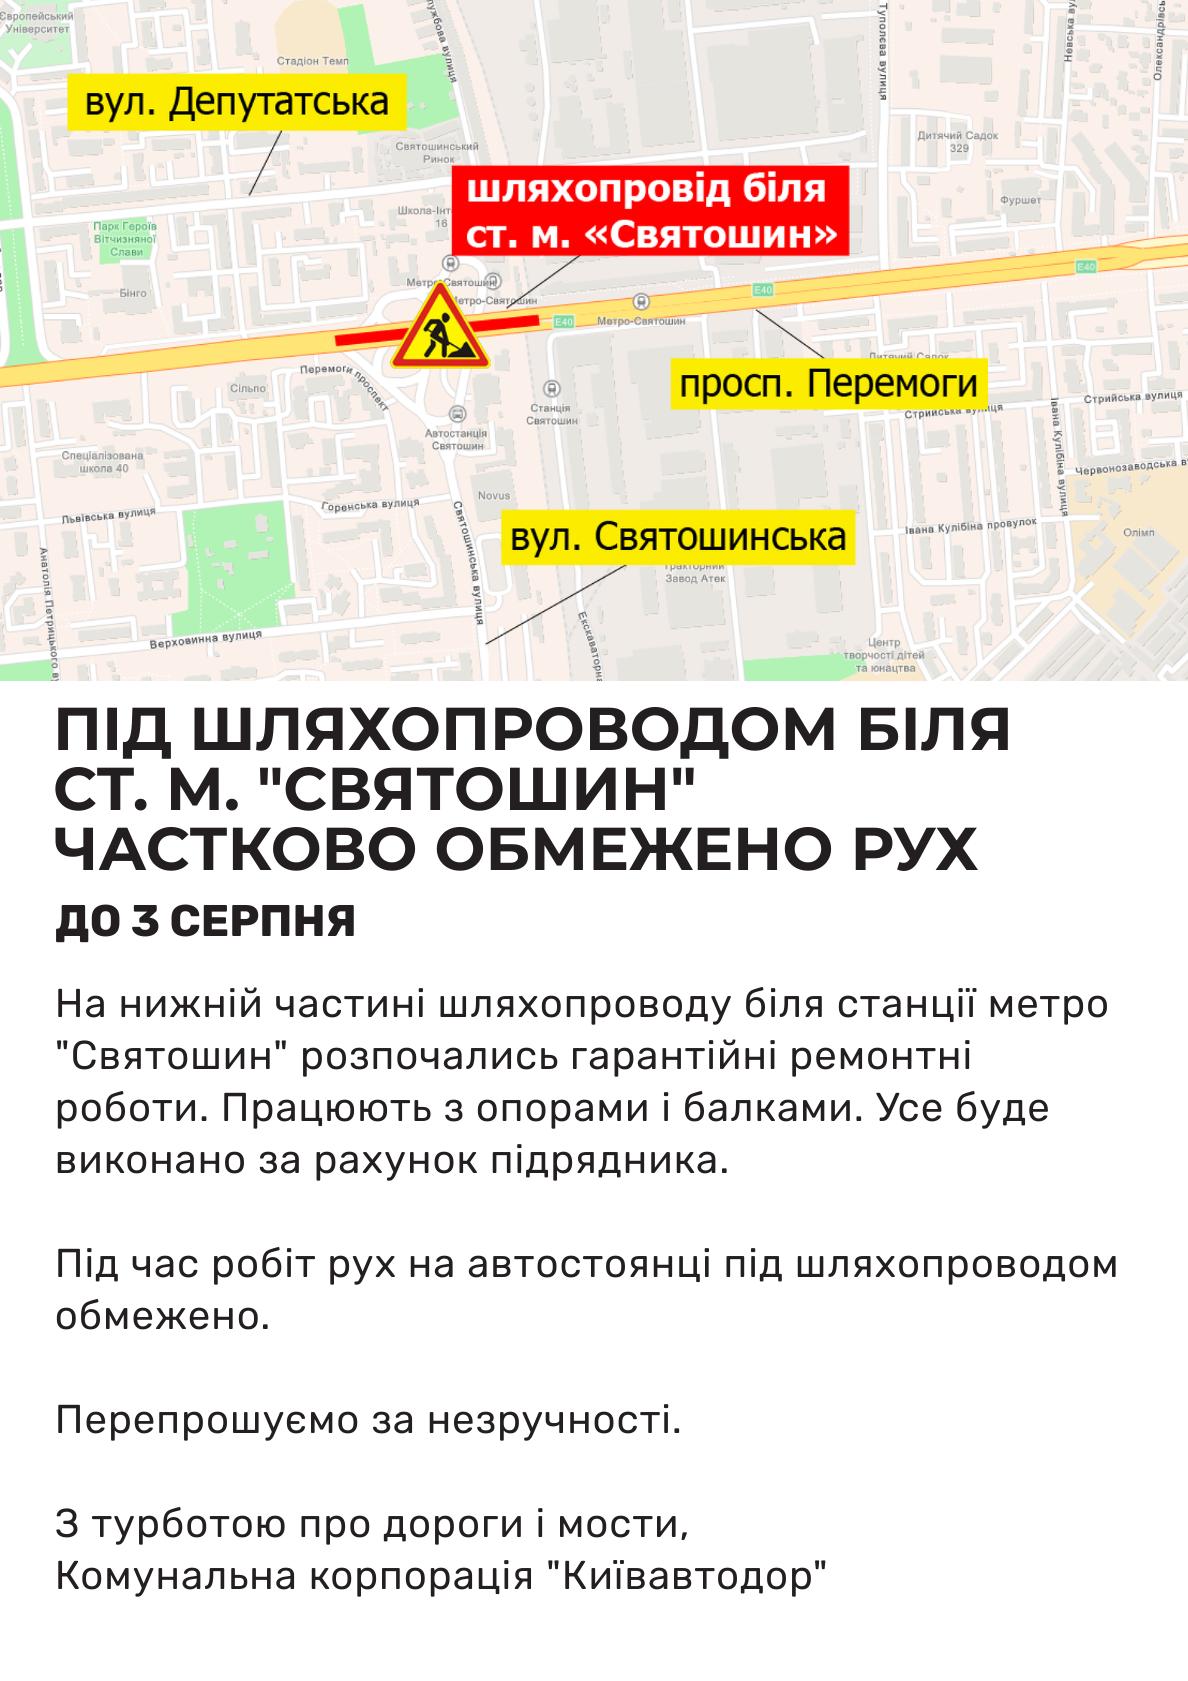 Обмеження руху в Києві